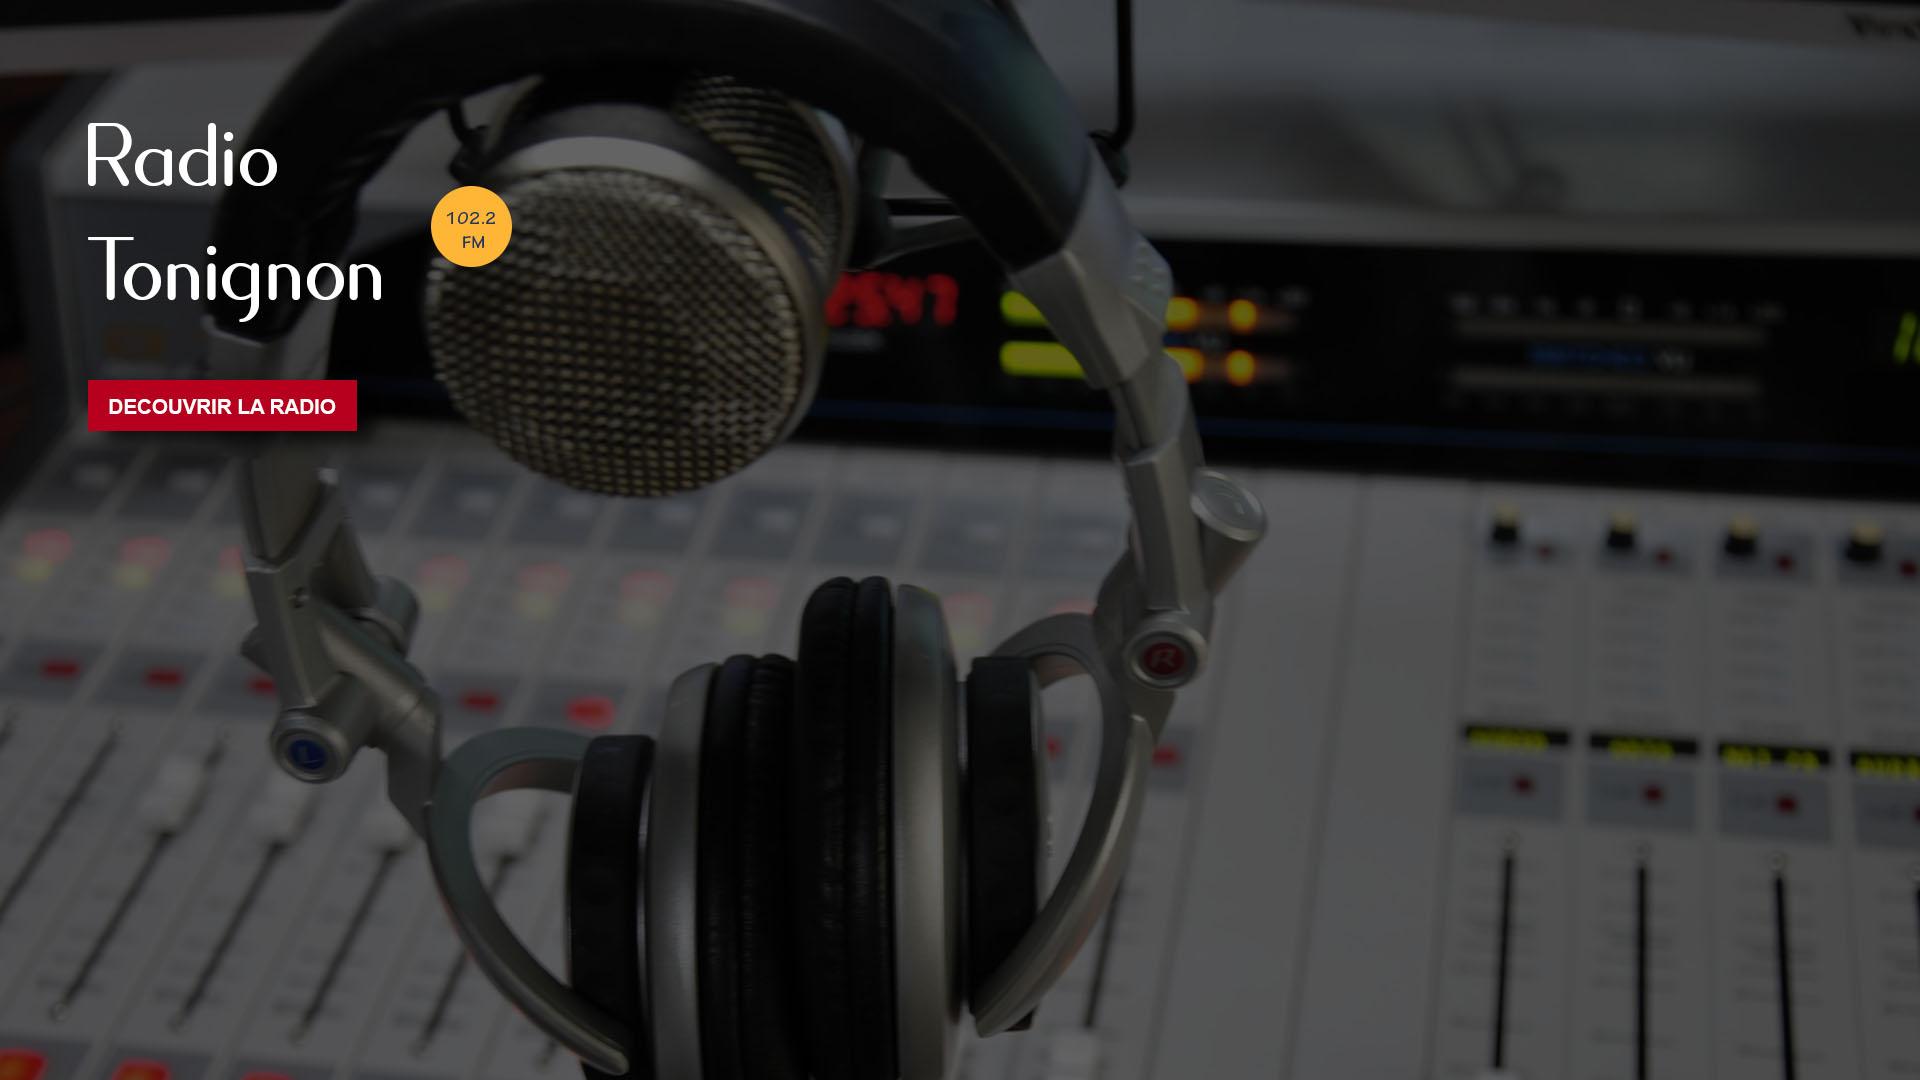 Bienvenue sur le portail de Radio Tonignon